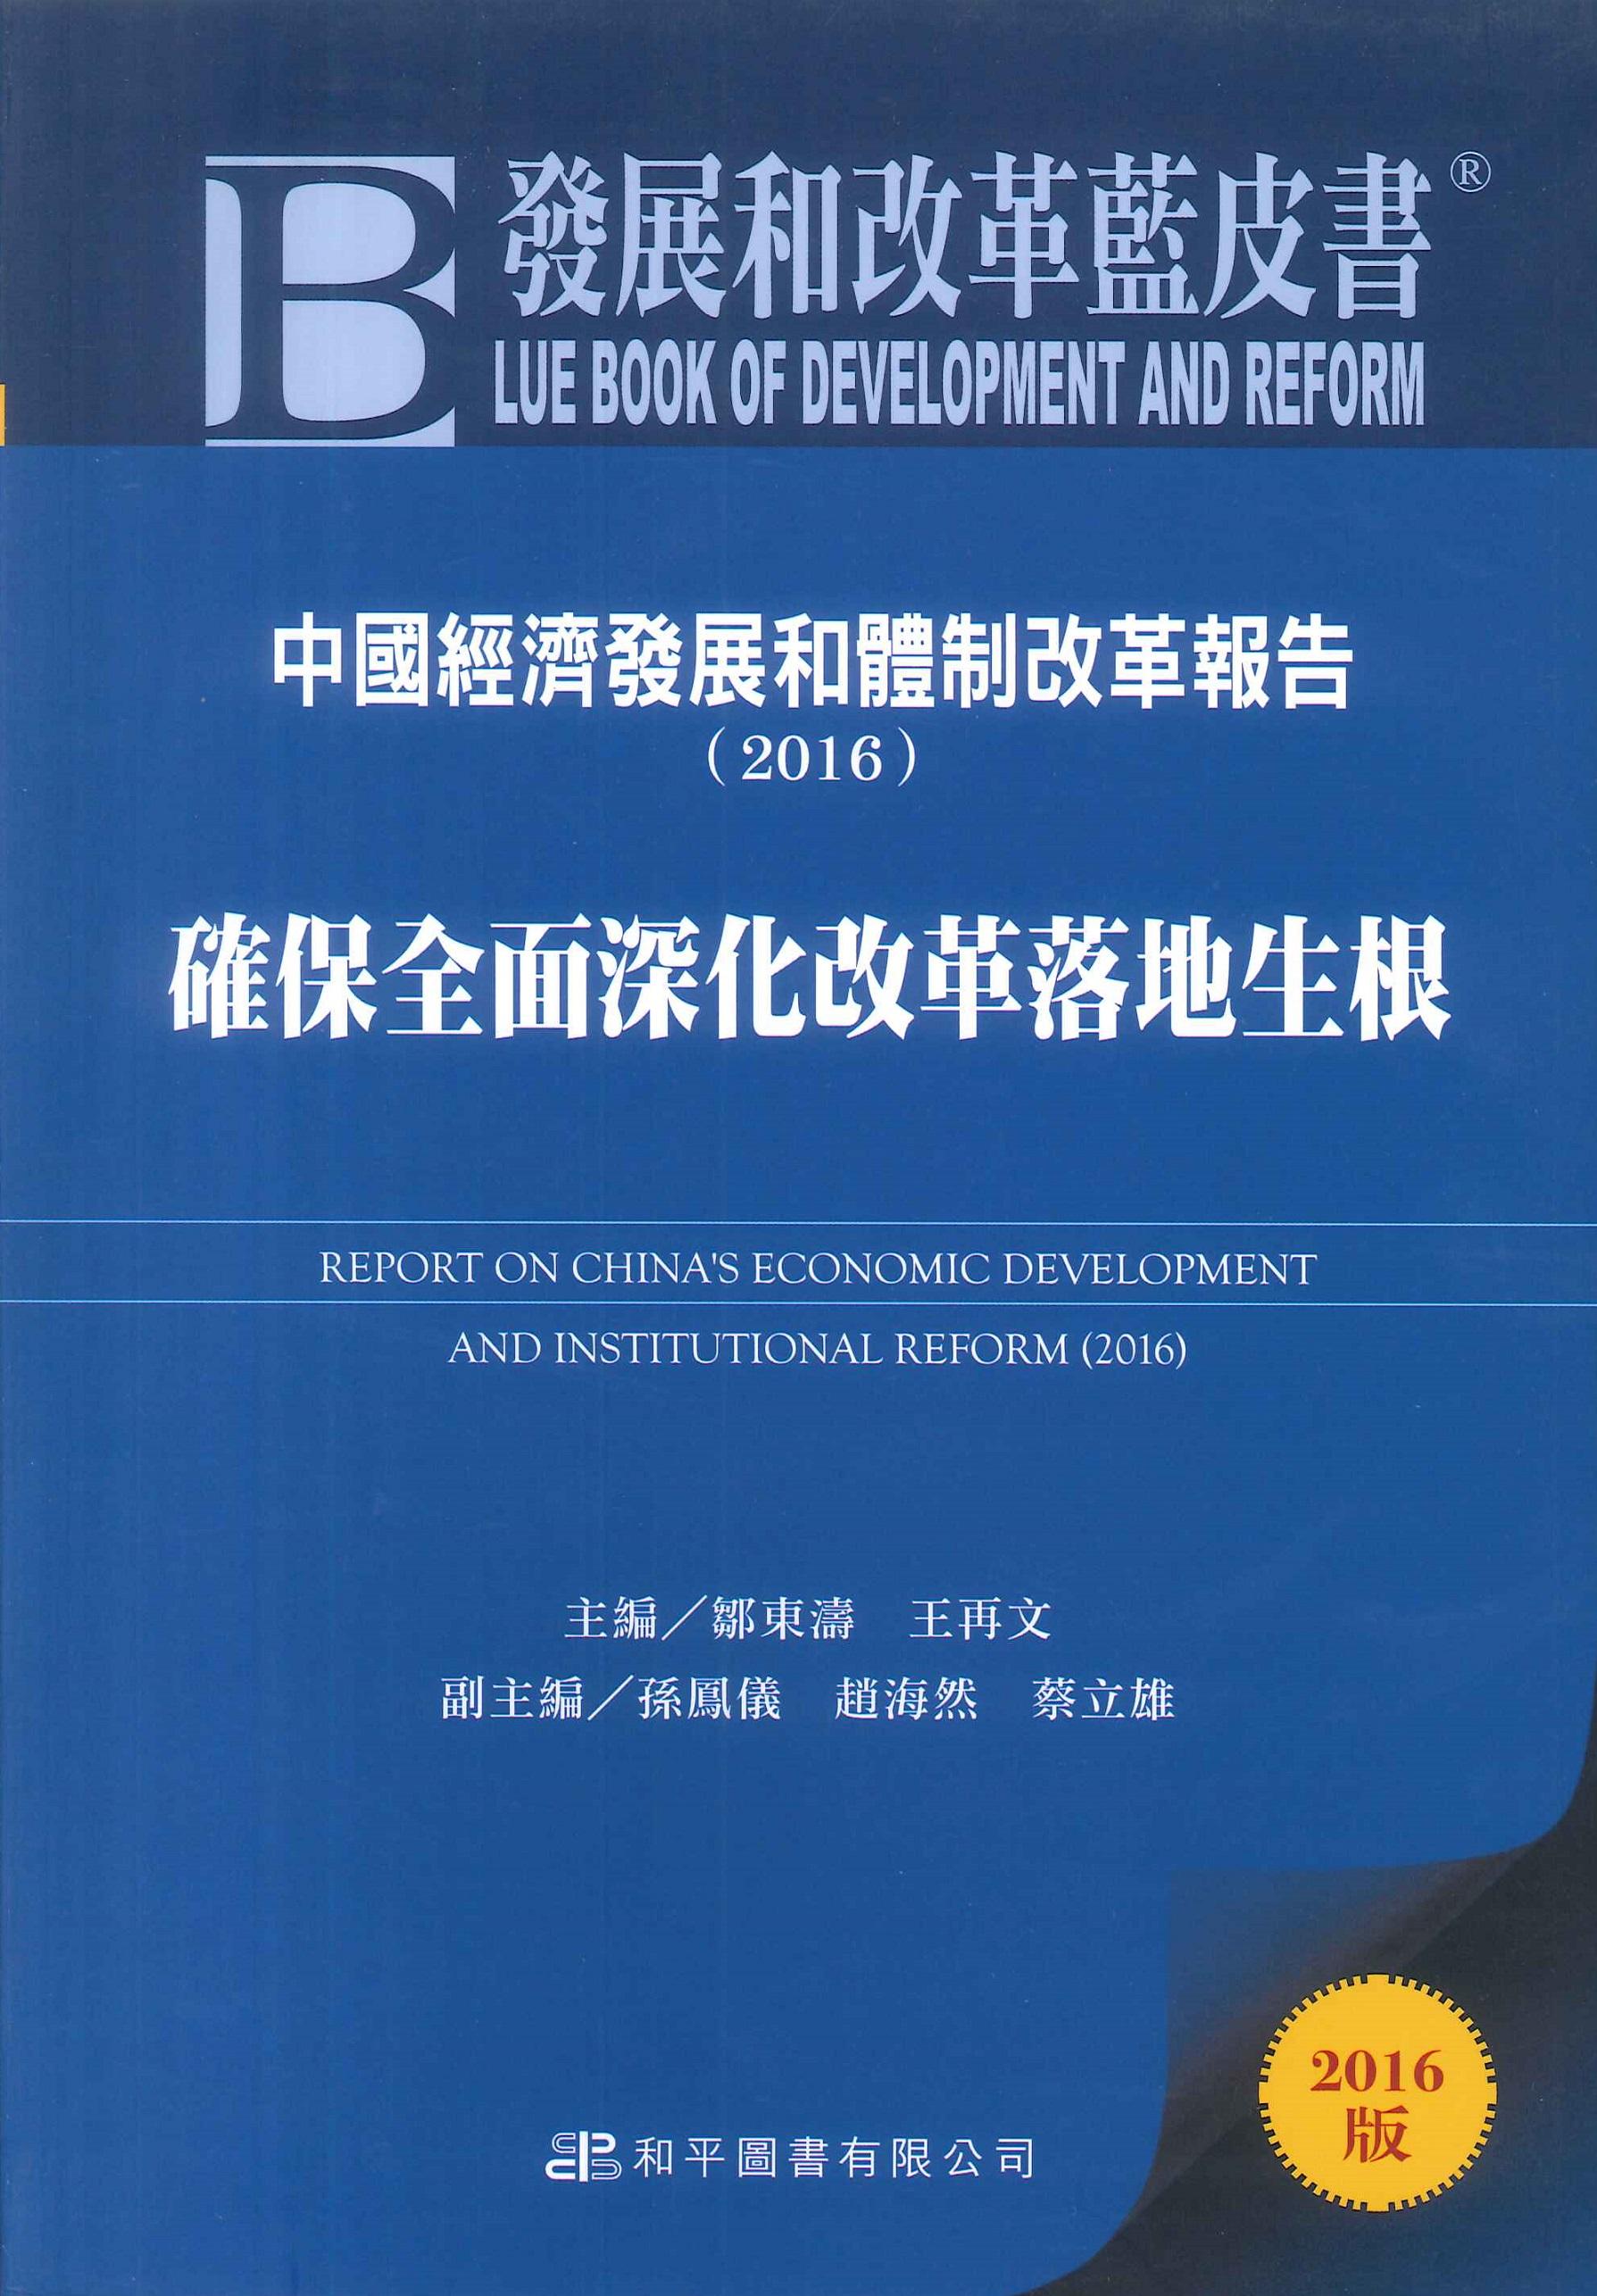 中國經濟發展和體制改革報告.2016:確保全面深化改革落地生根=Report on China